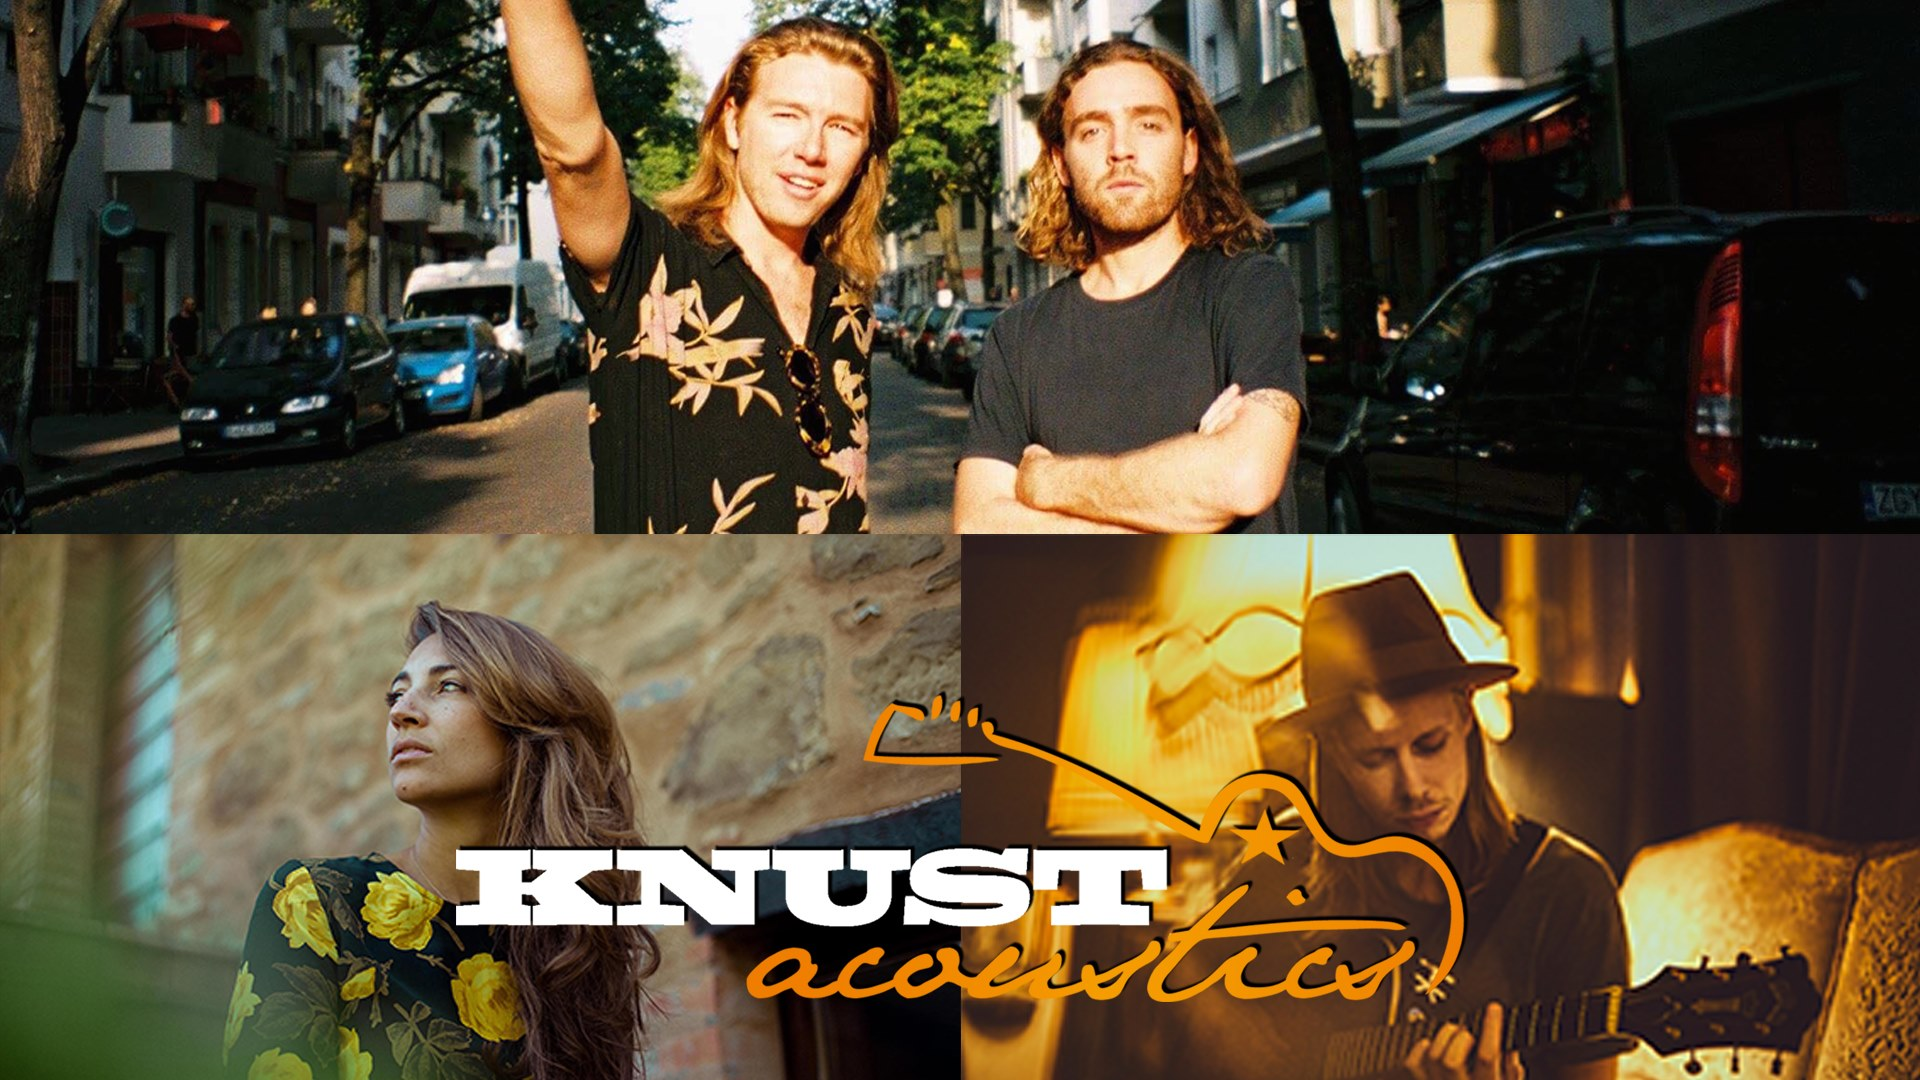 Die Knust Acoustics begrüßen Luca Vasta, Tom Klose und Imbibe!